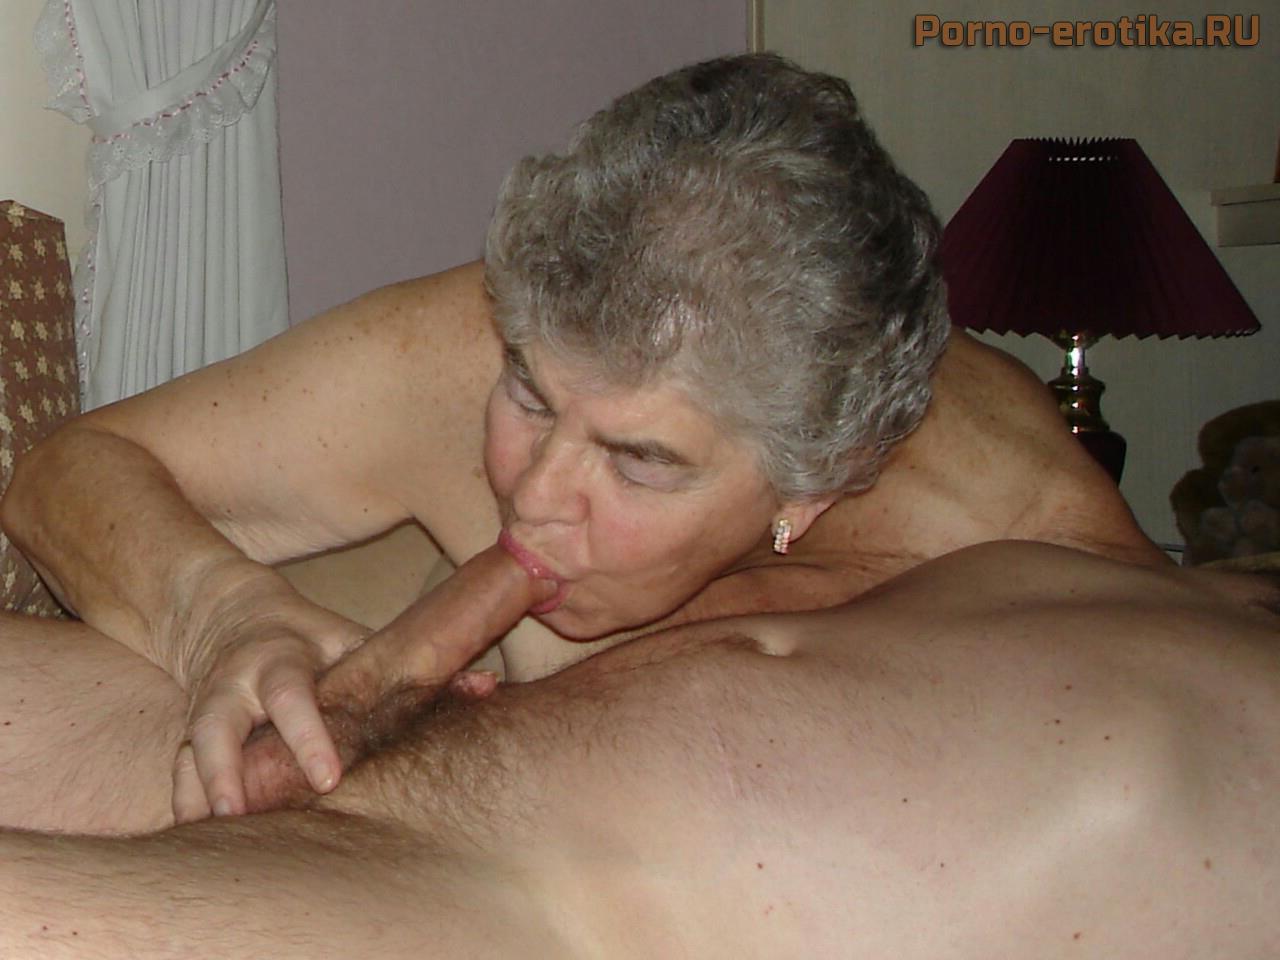 Порно русская бабушка делает минет внуку